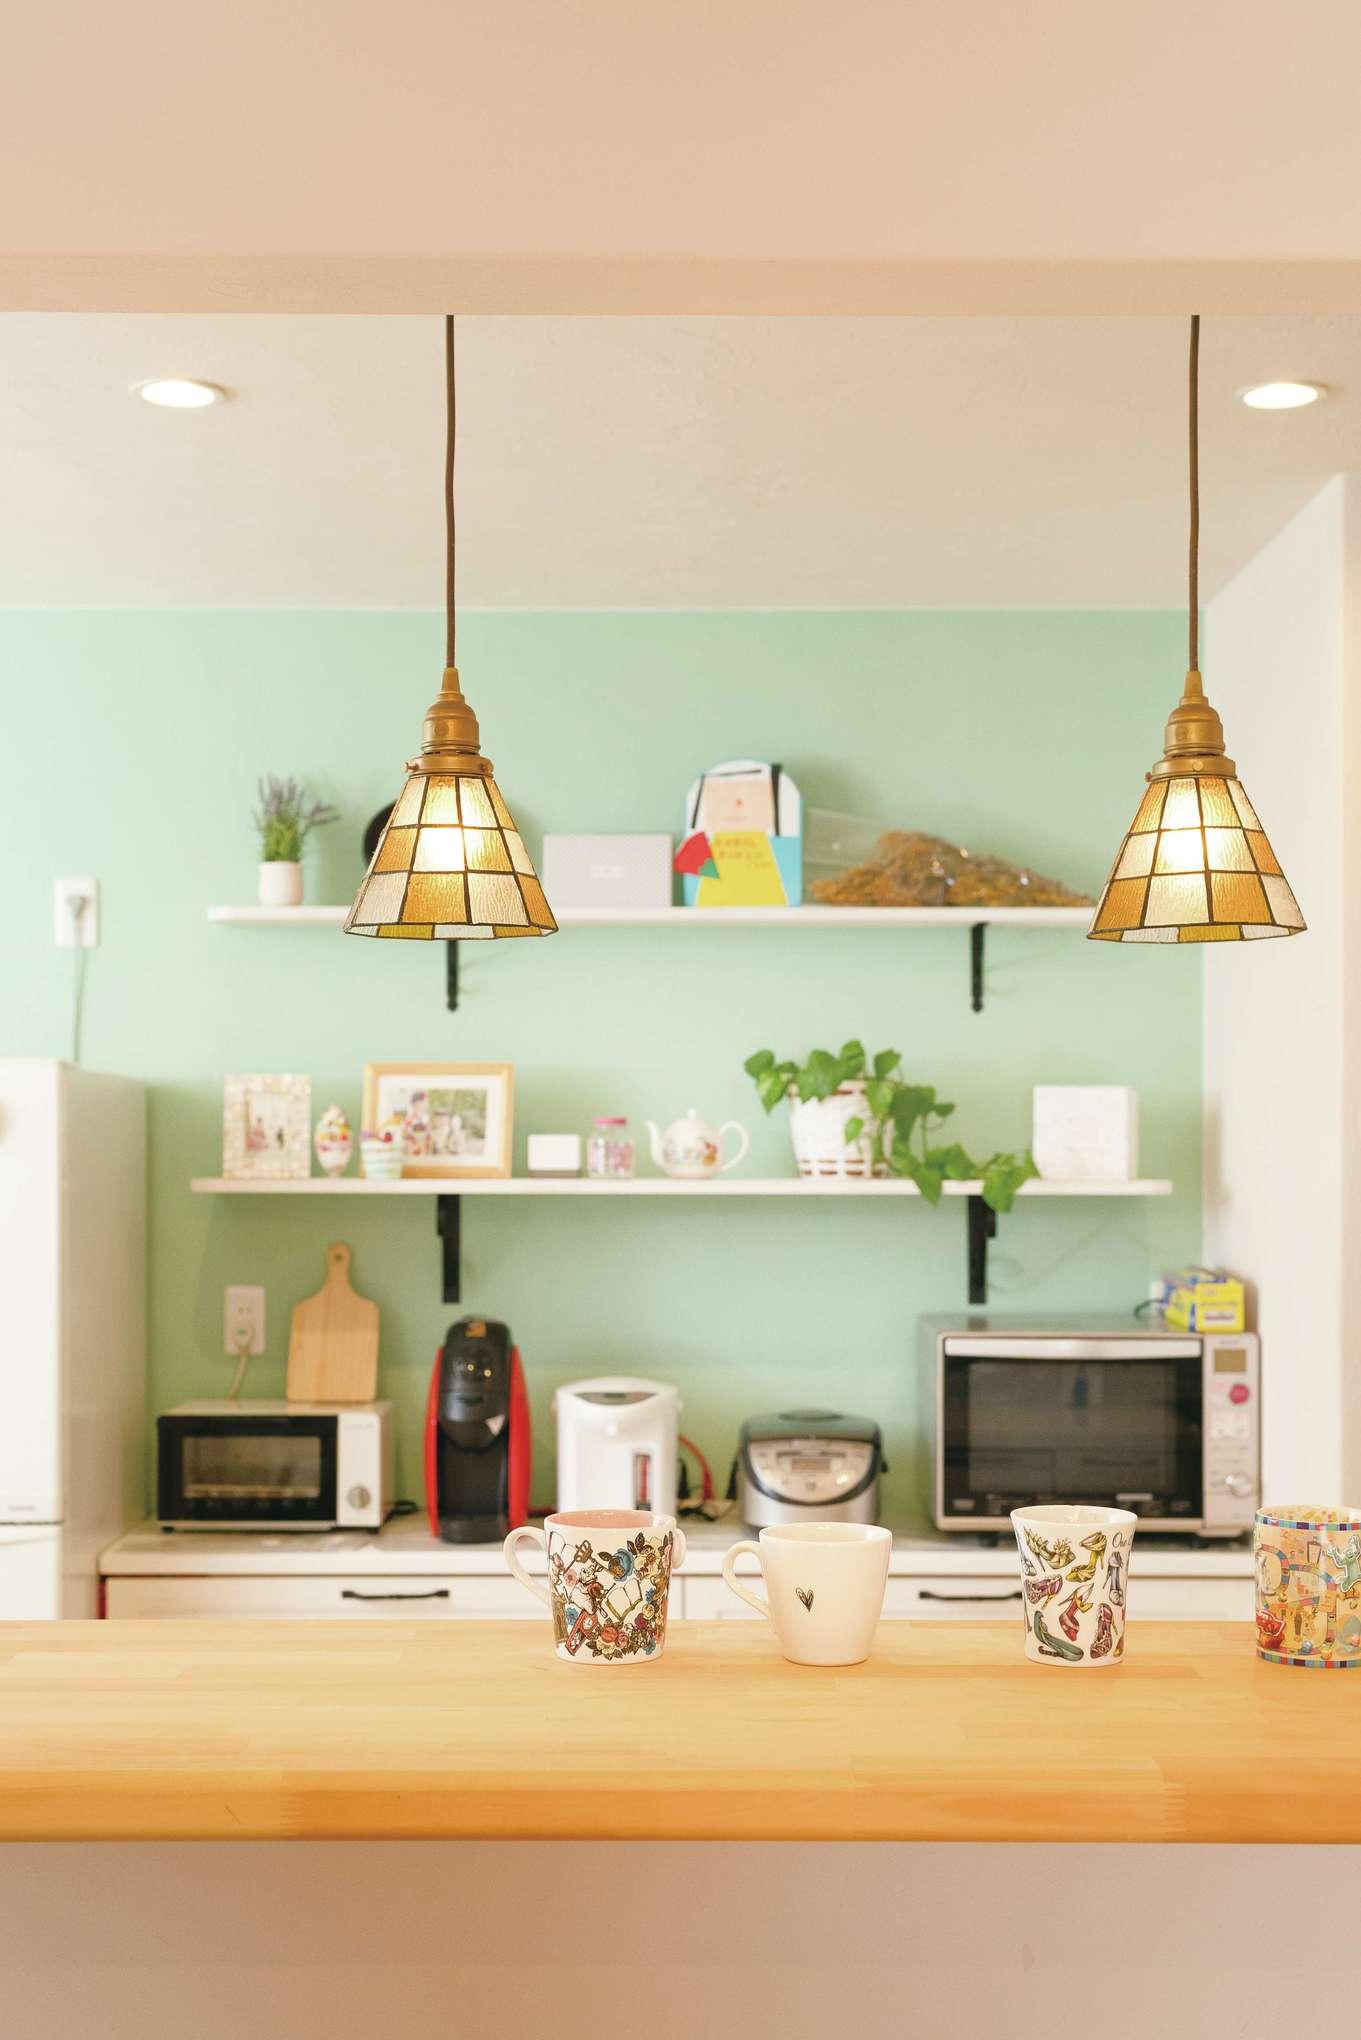 ミントグリーンの色壁がきいたキッチン